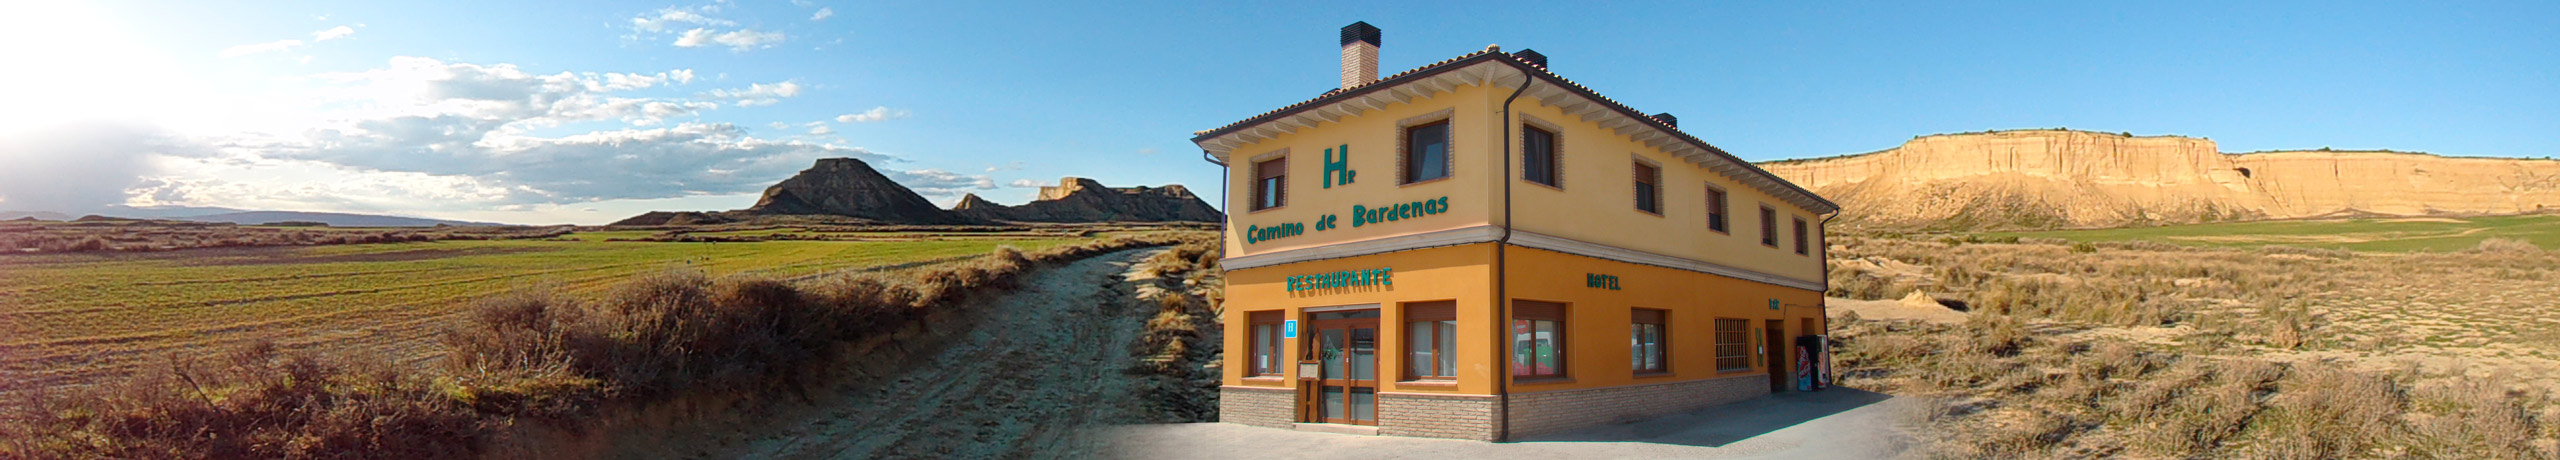 Hotel-Camino-Bardenas-Portada-2